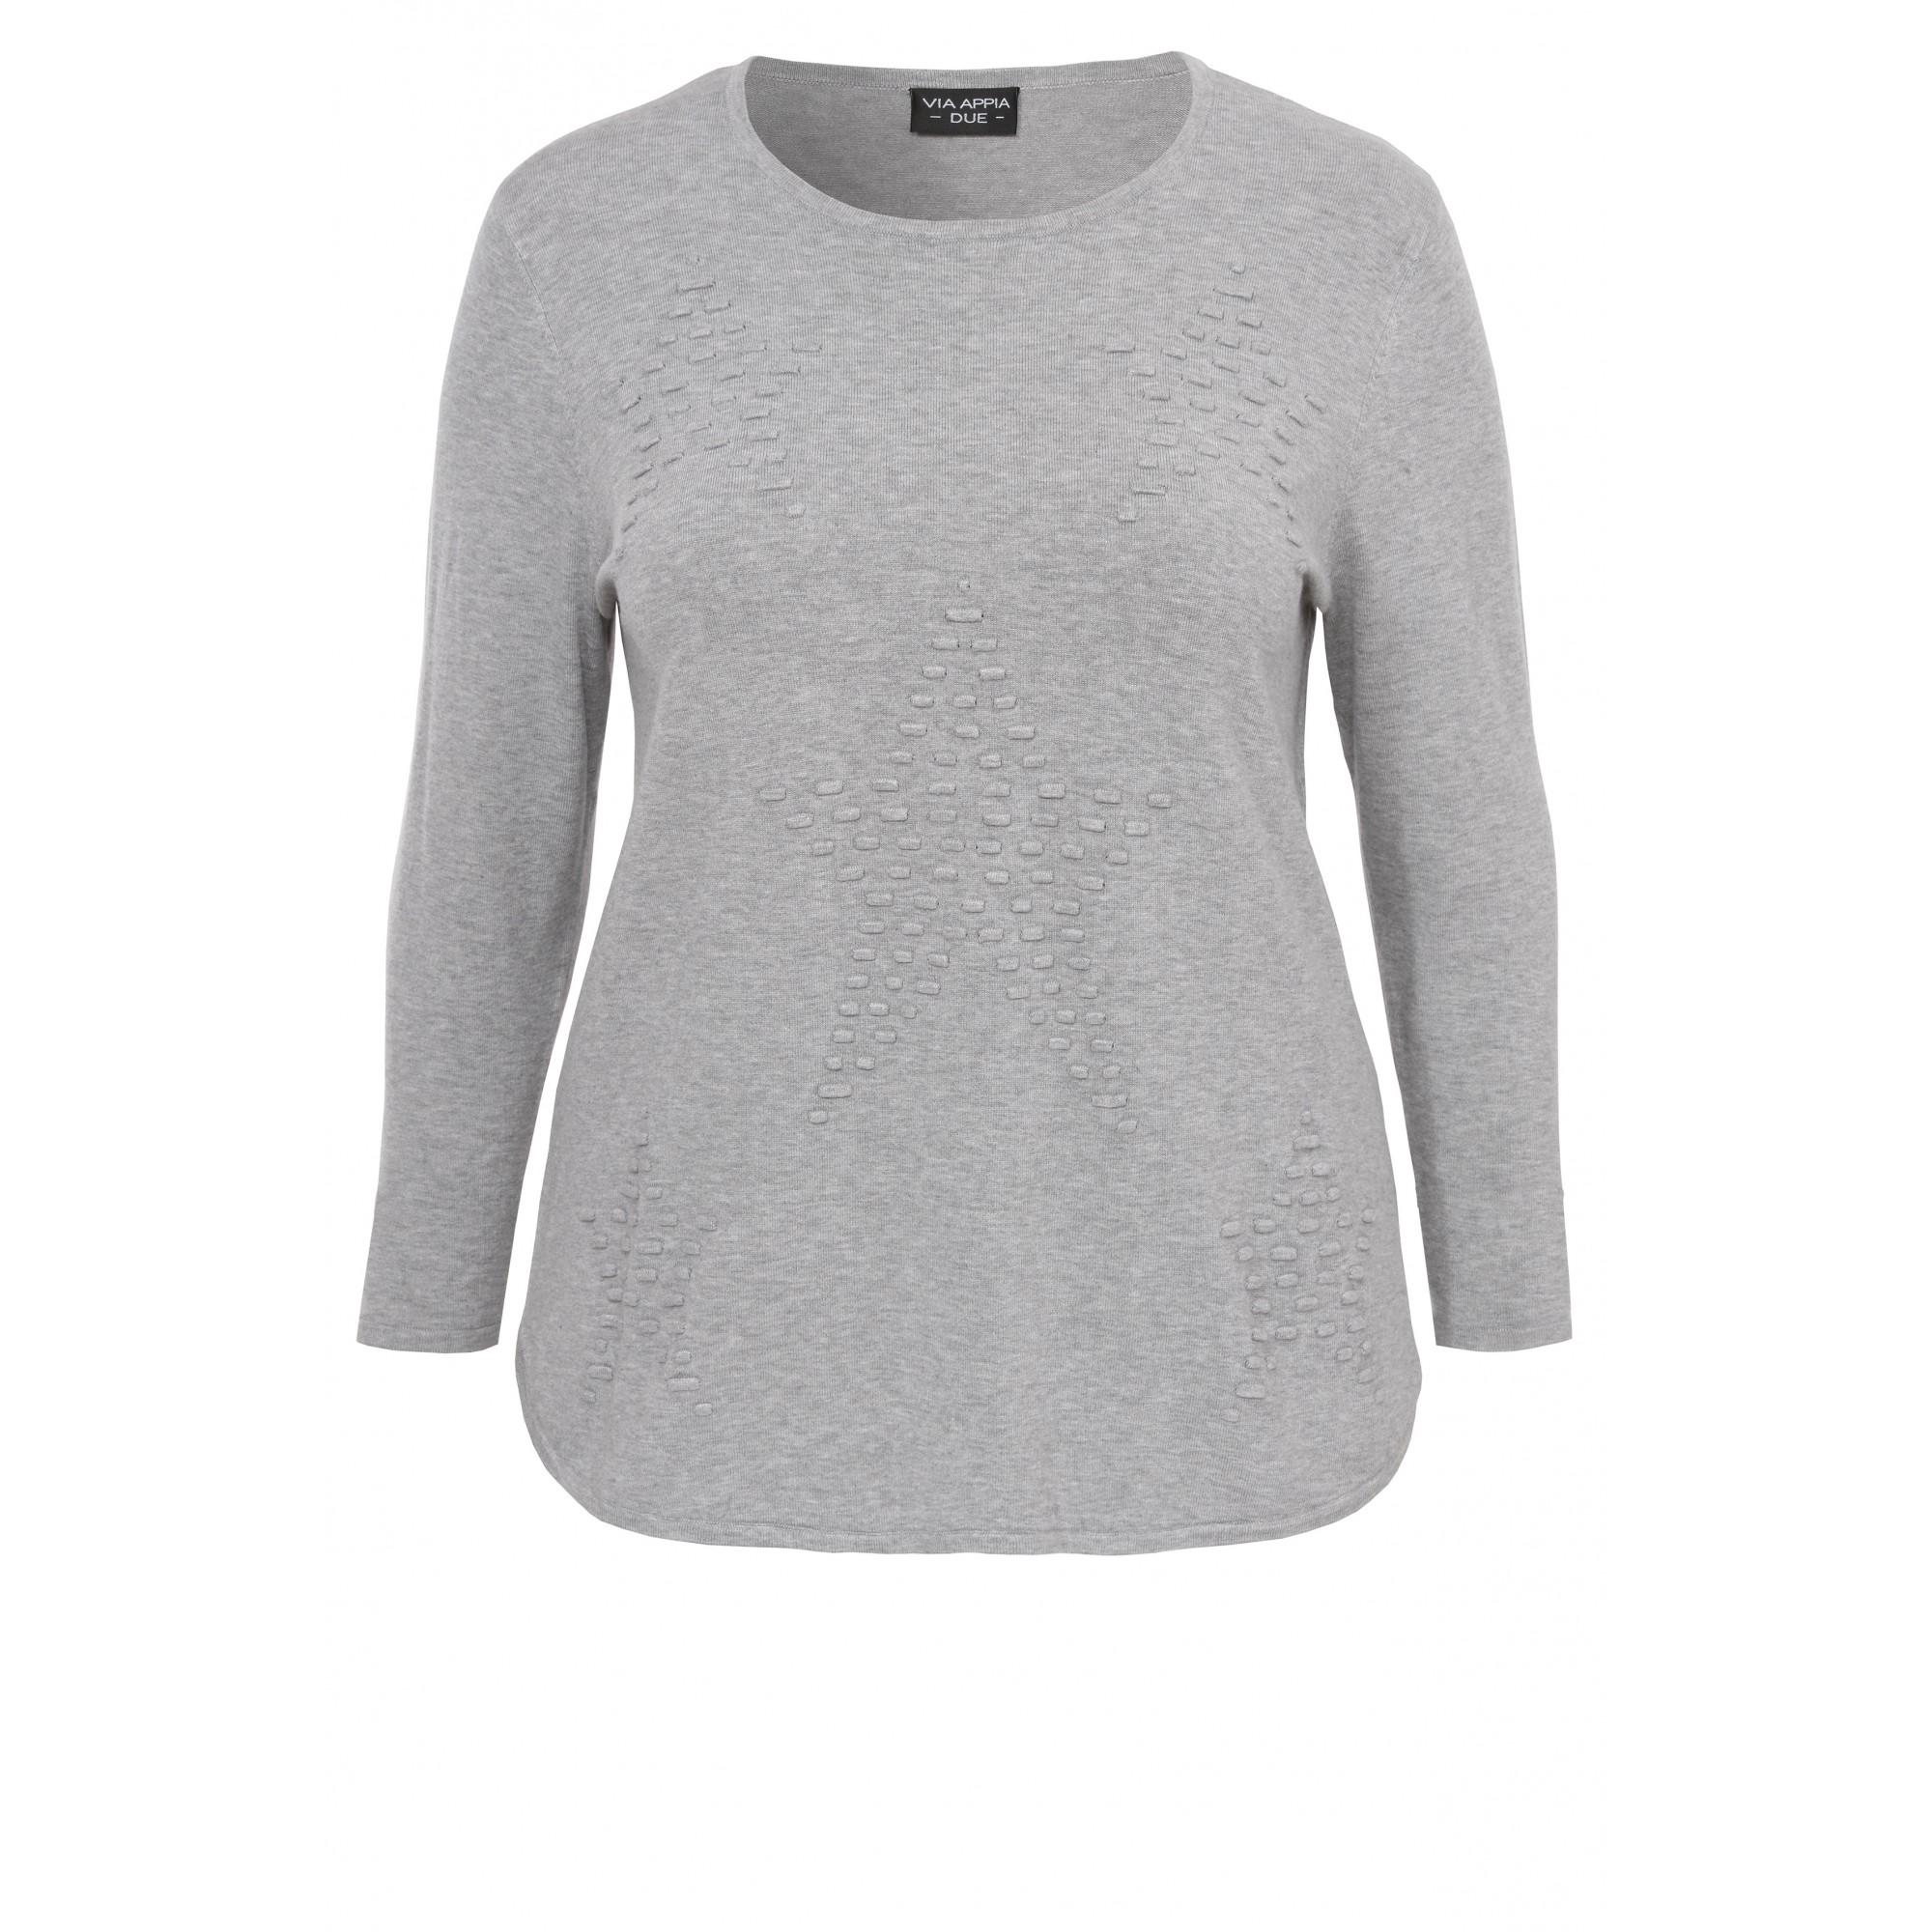 Femininer Pullover mit Struktur-Muster